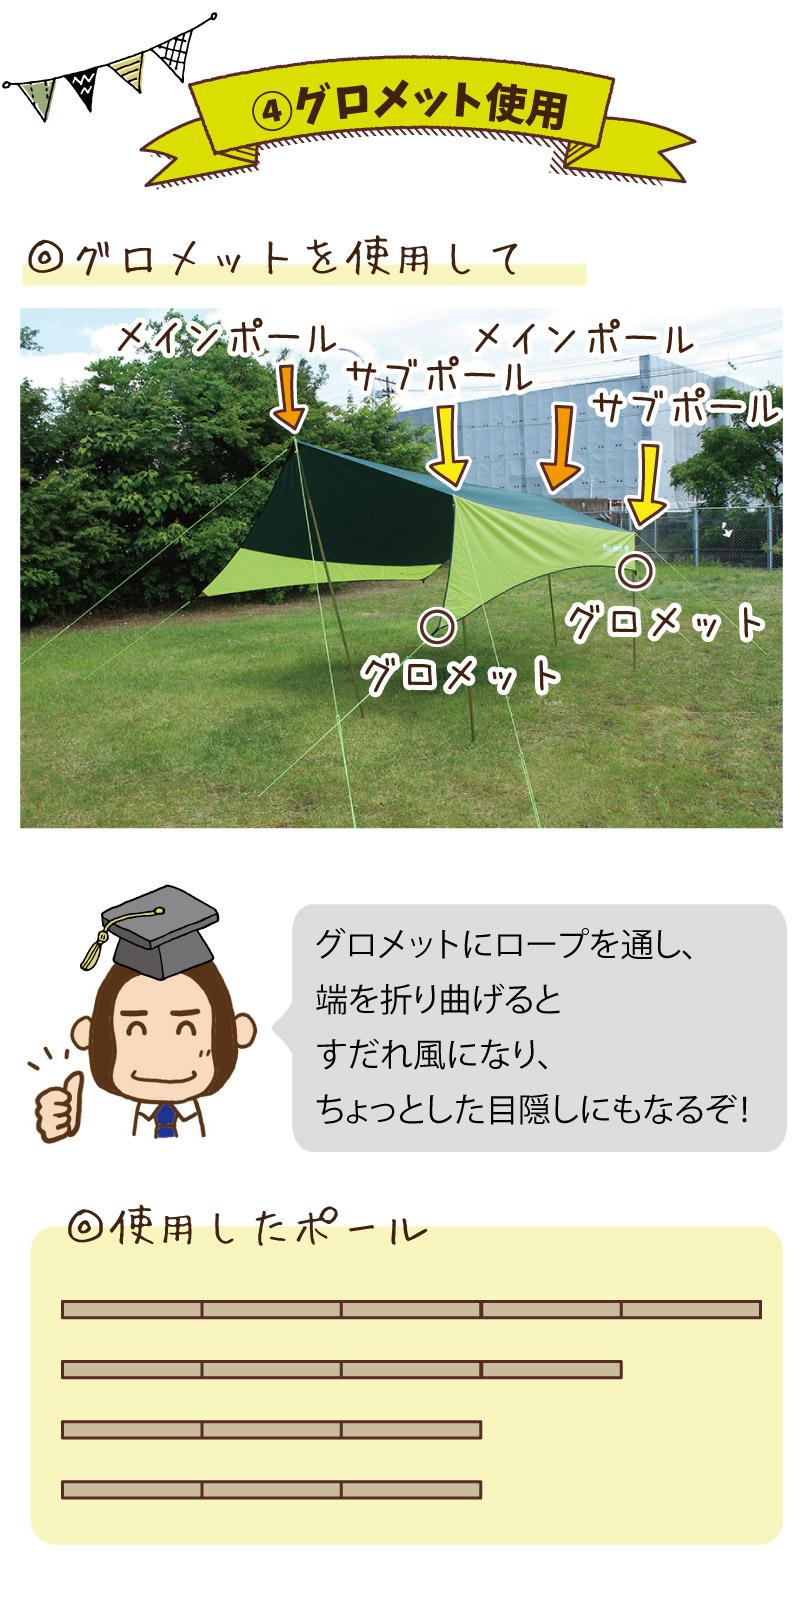 グロメット使用|グロメットを使用して。グロメットにロープを通し、端を折り曲げるとすだれ風ふうになり、ちょっとした目隠しにもなるぞ!